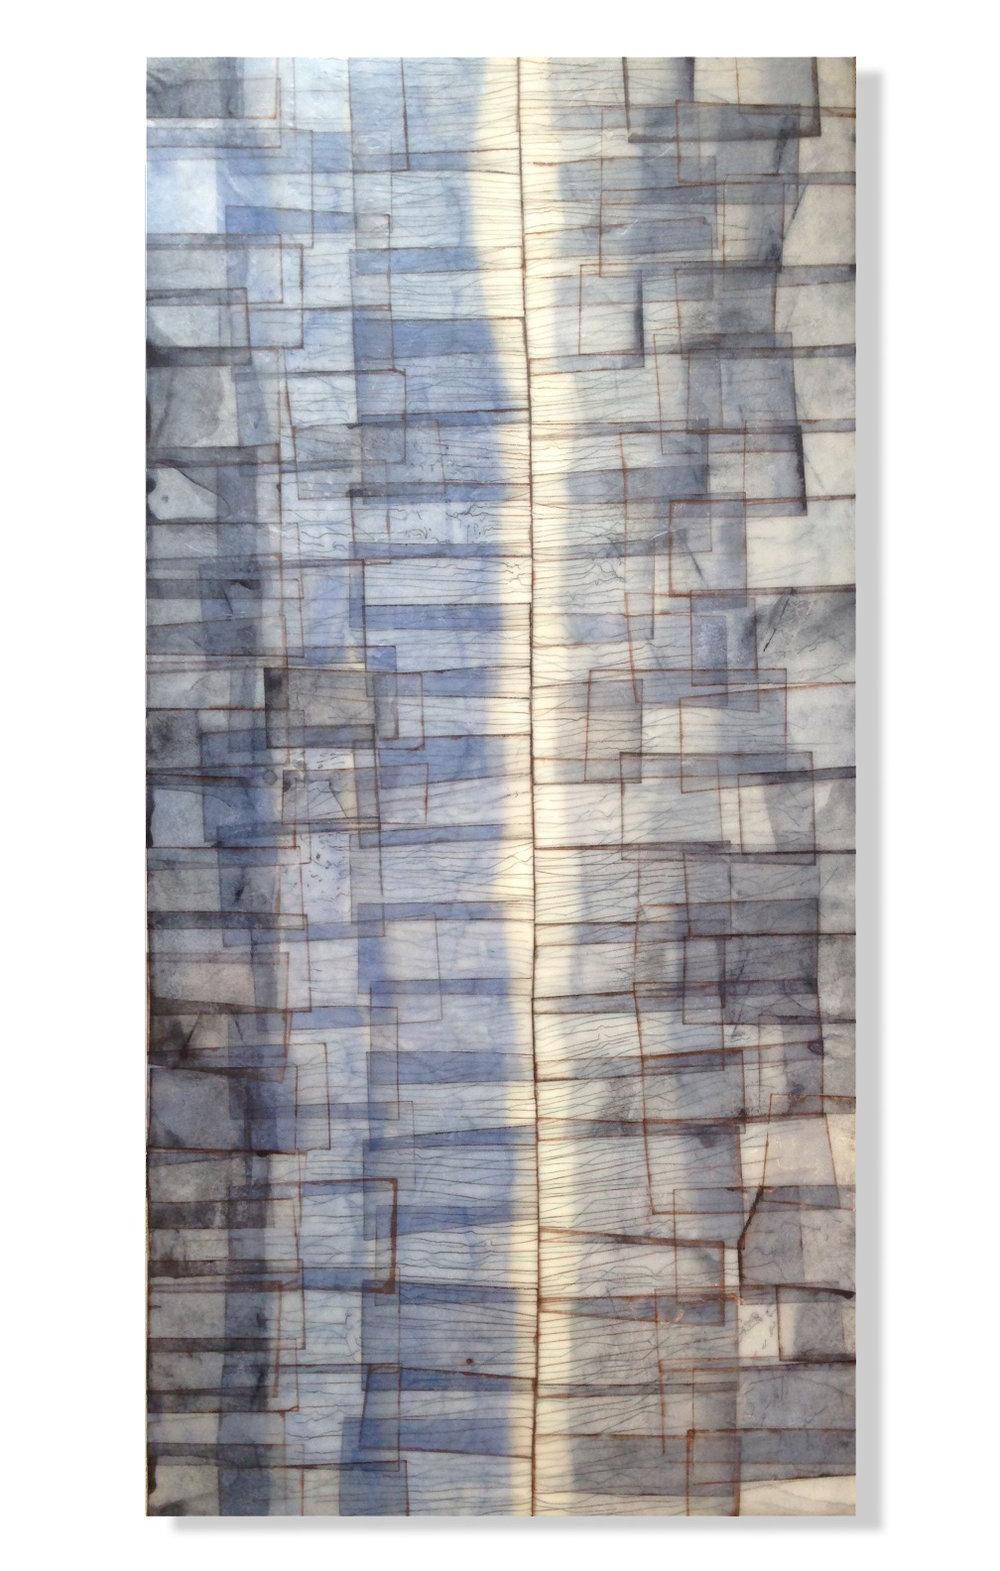 """Divide, 2015 12"""" x 24""""x 2"""" Encaustic, Mulberry Paper, Watercolor"""